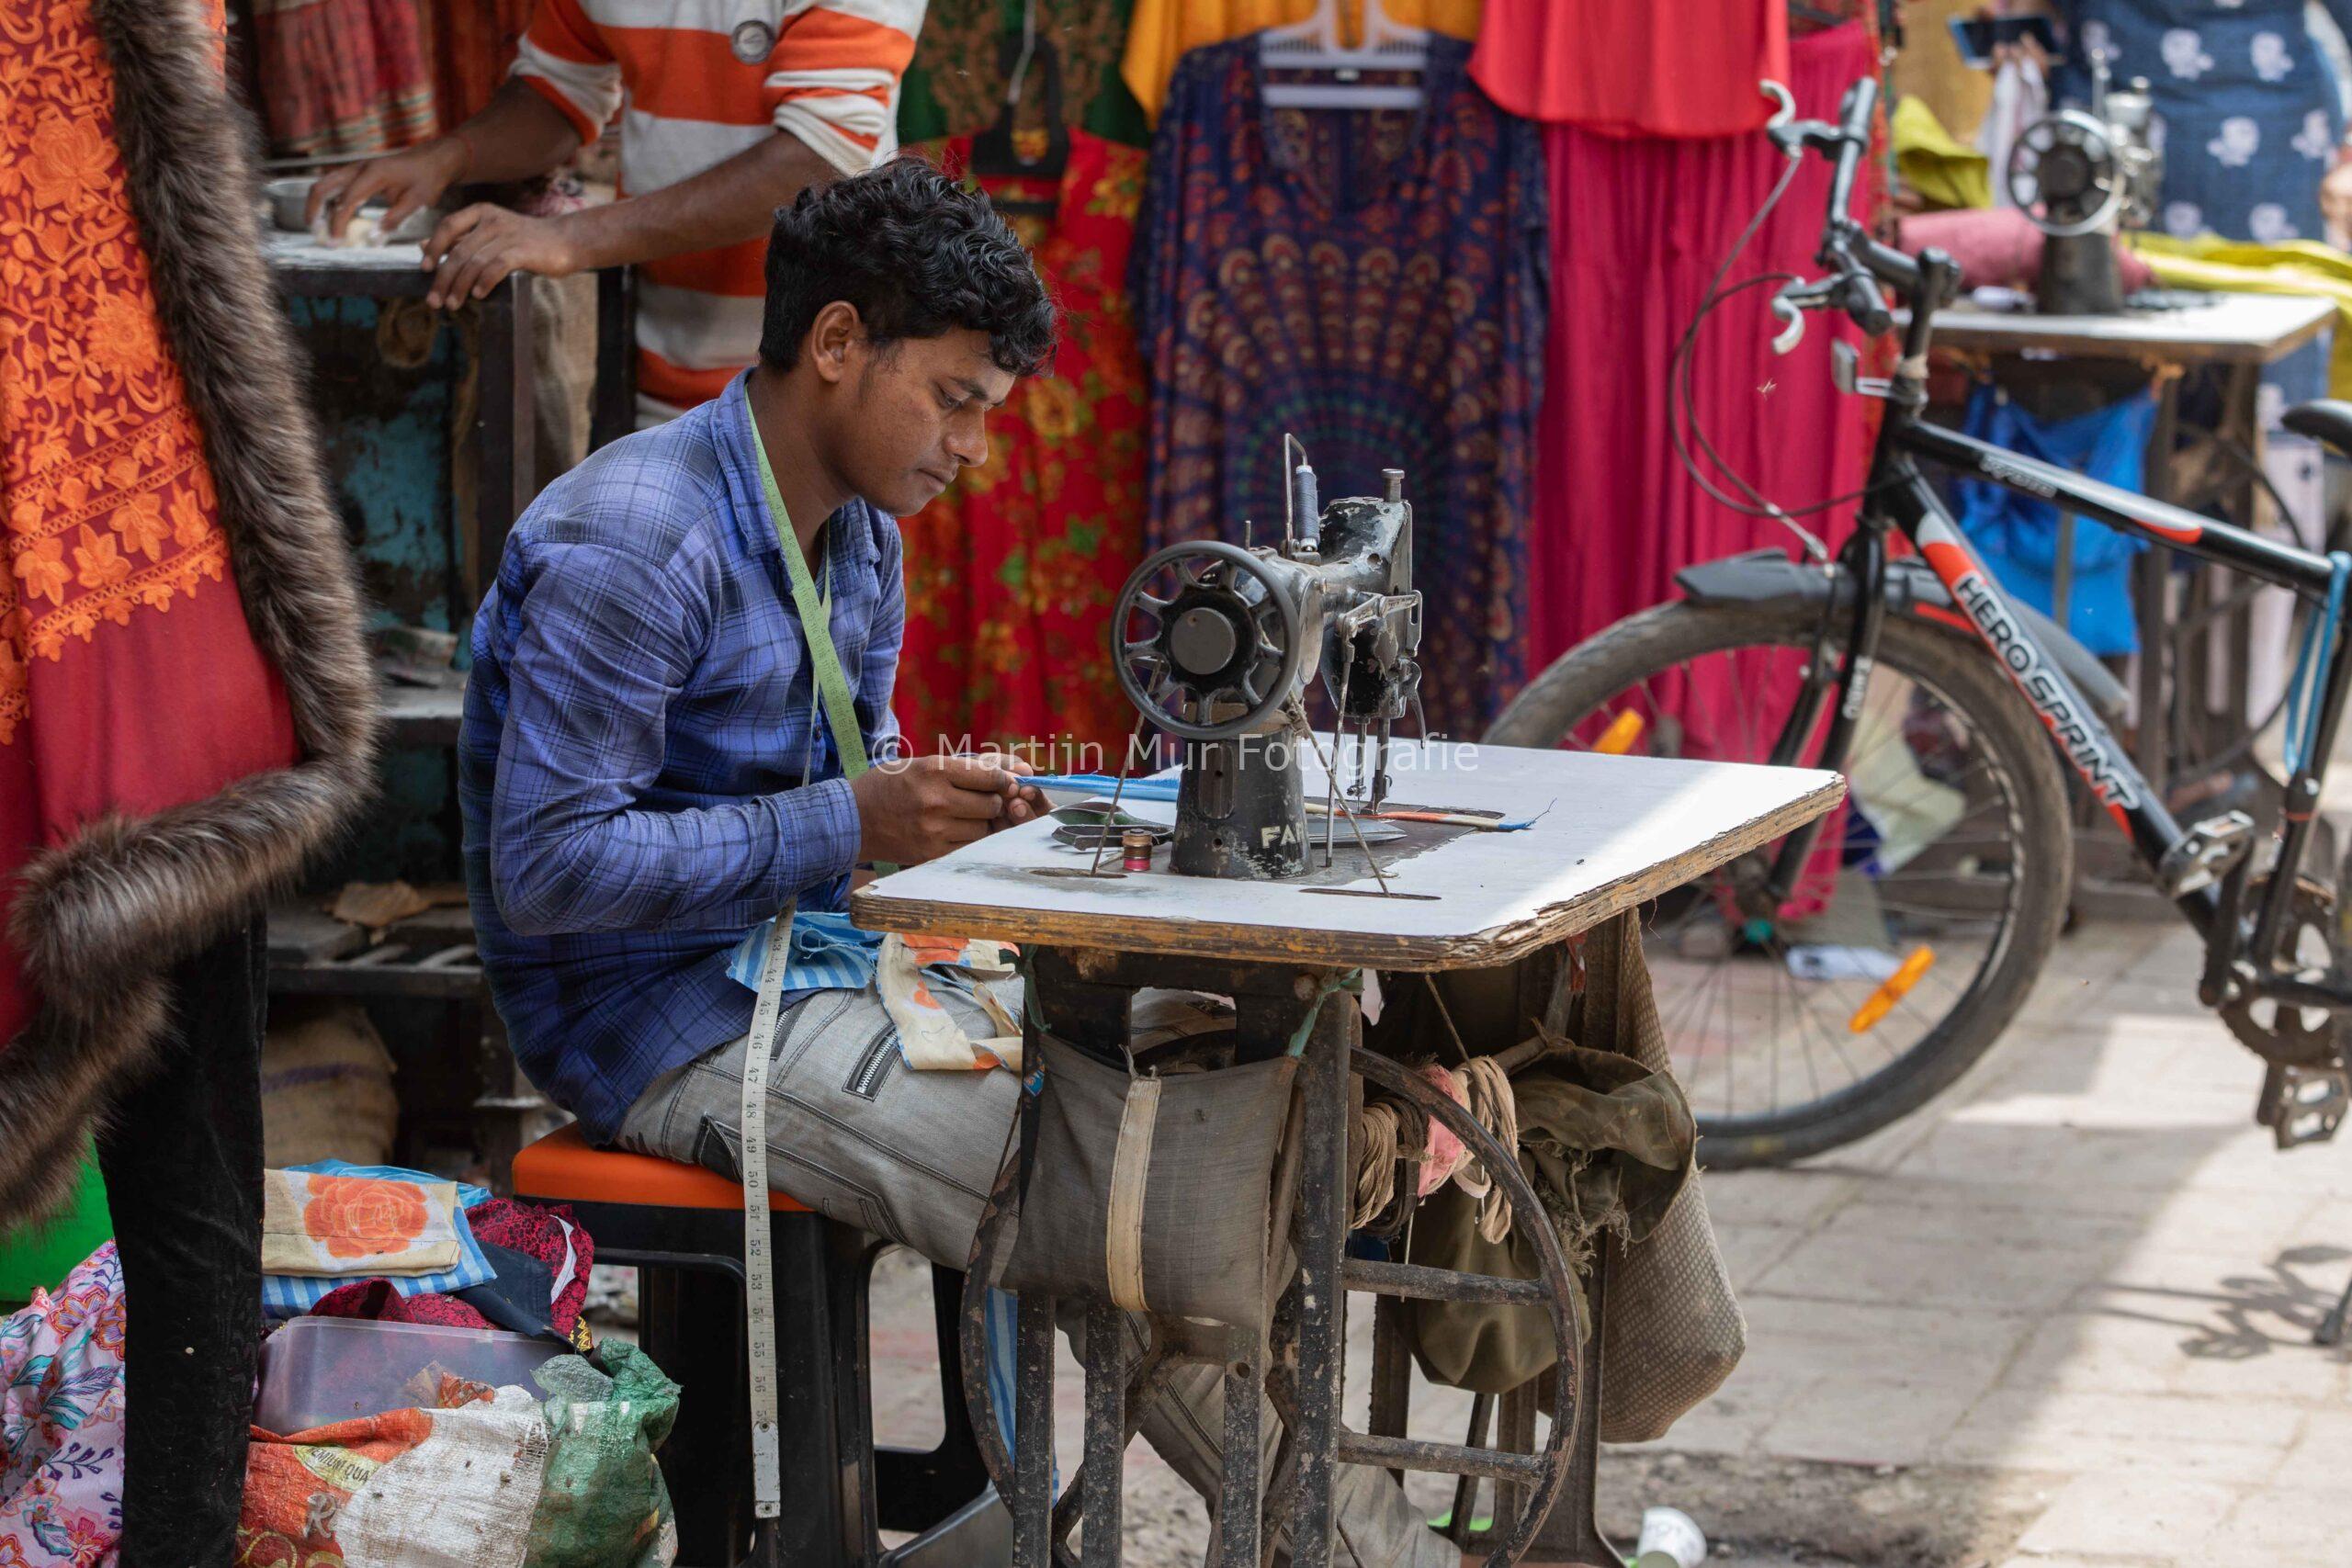 bedrijfsfotografie, portretfotografie, reisfotografie, Delhi India